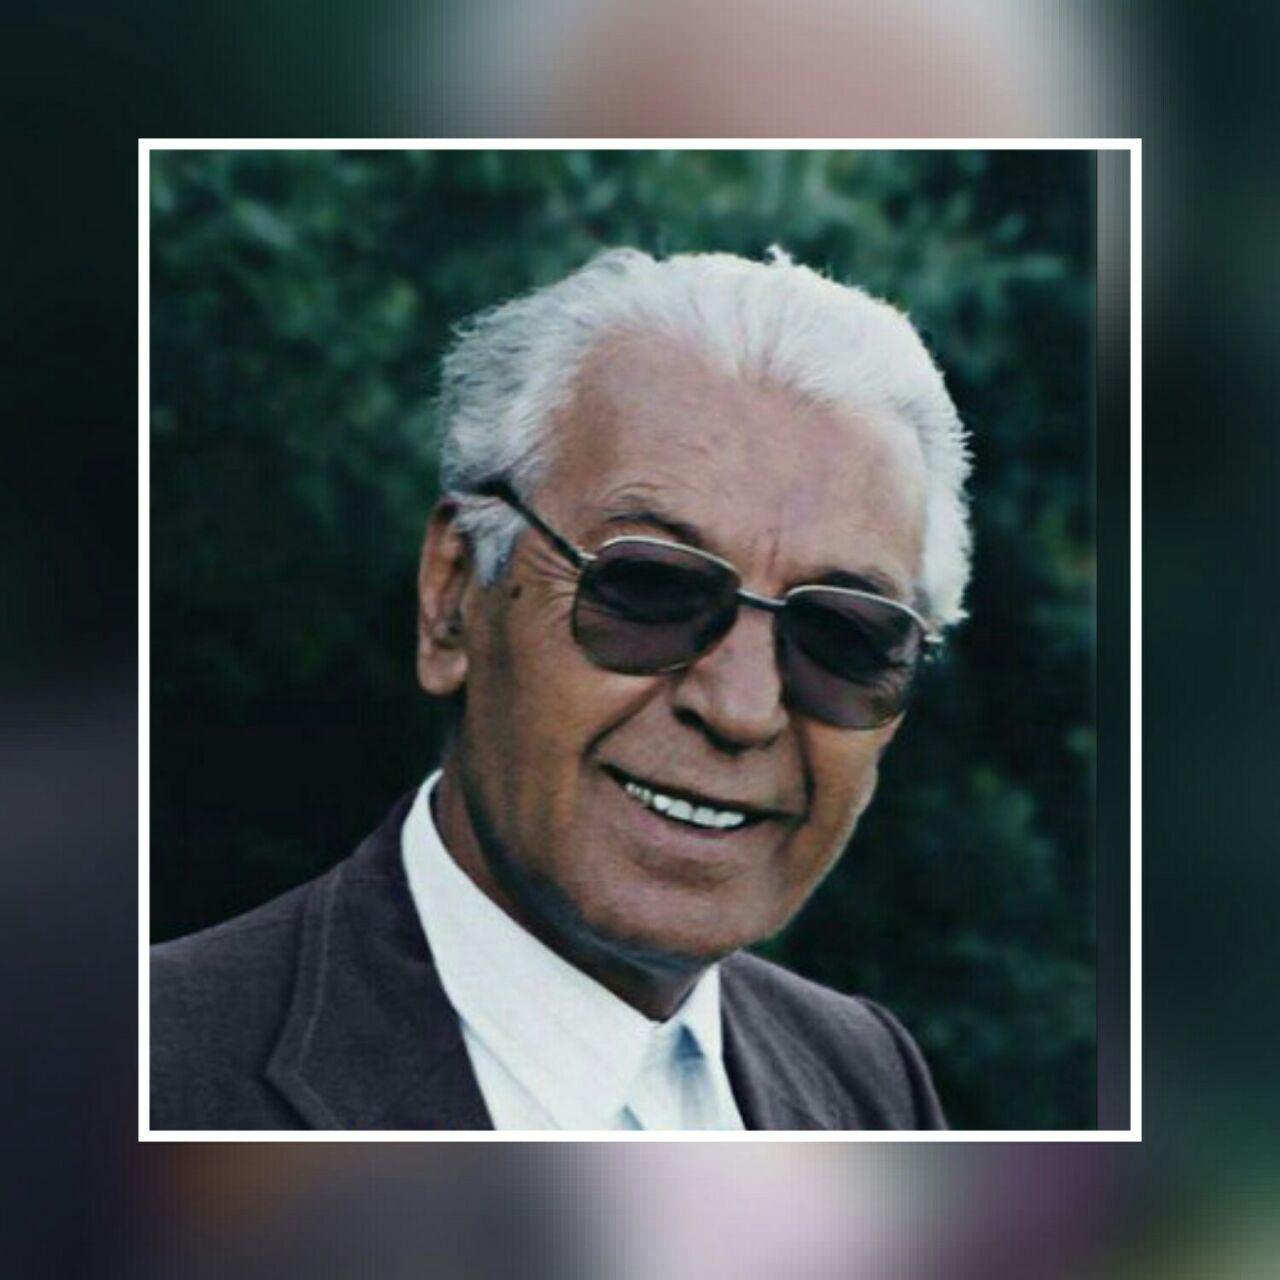 محمد ماملی نامی که در تاریخ هنر کردستان ثبت شد